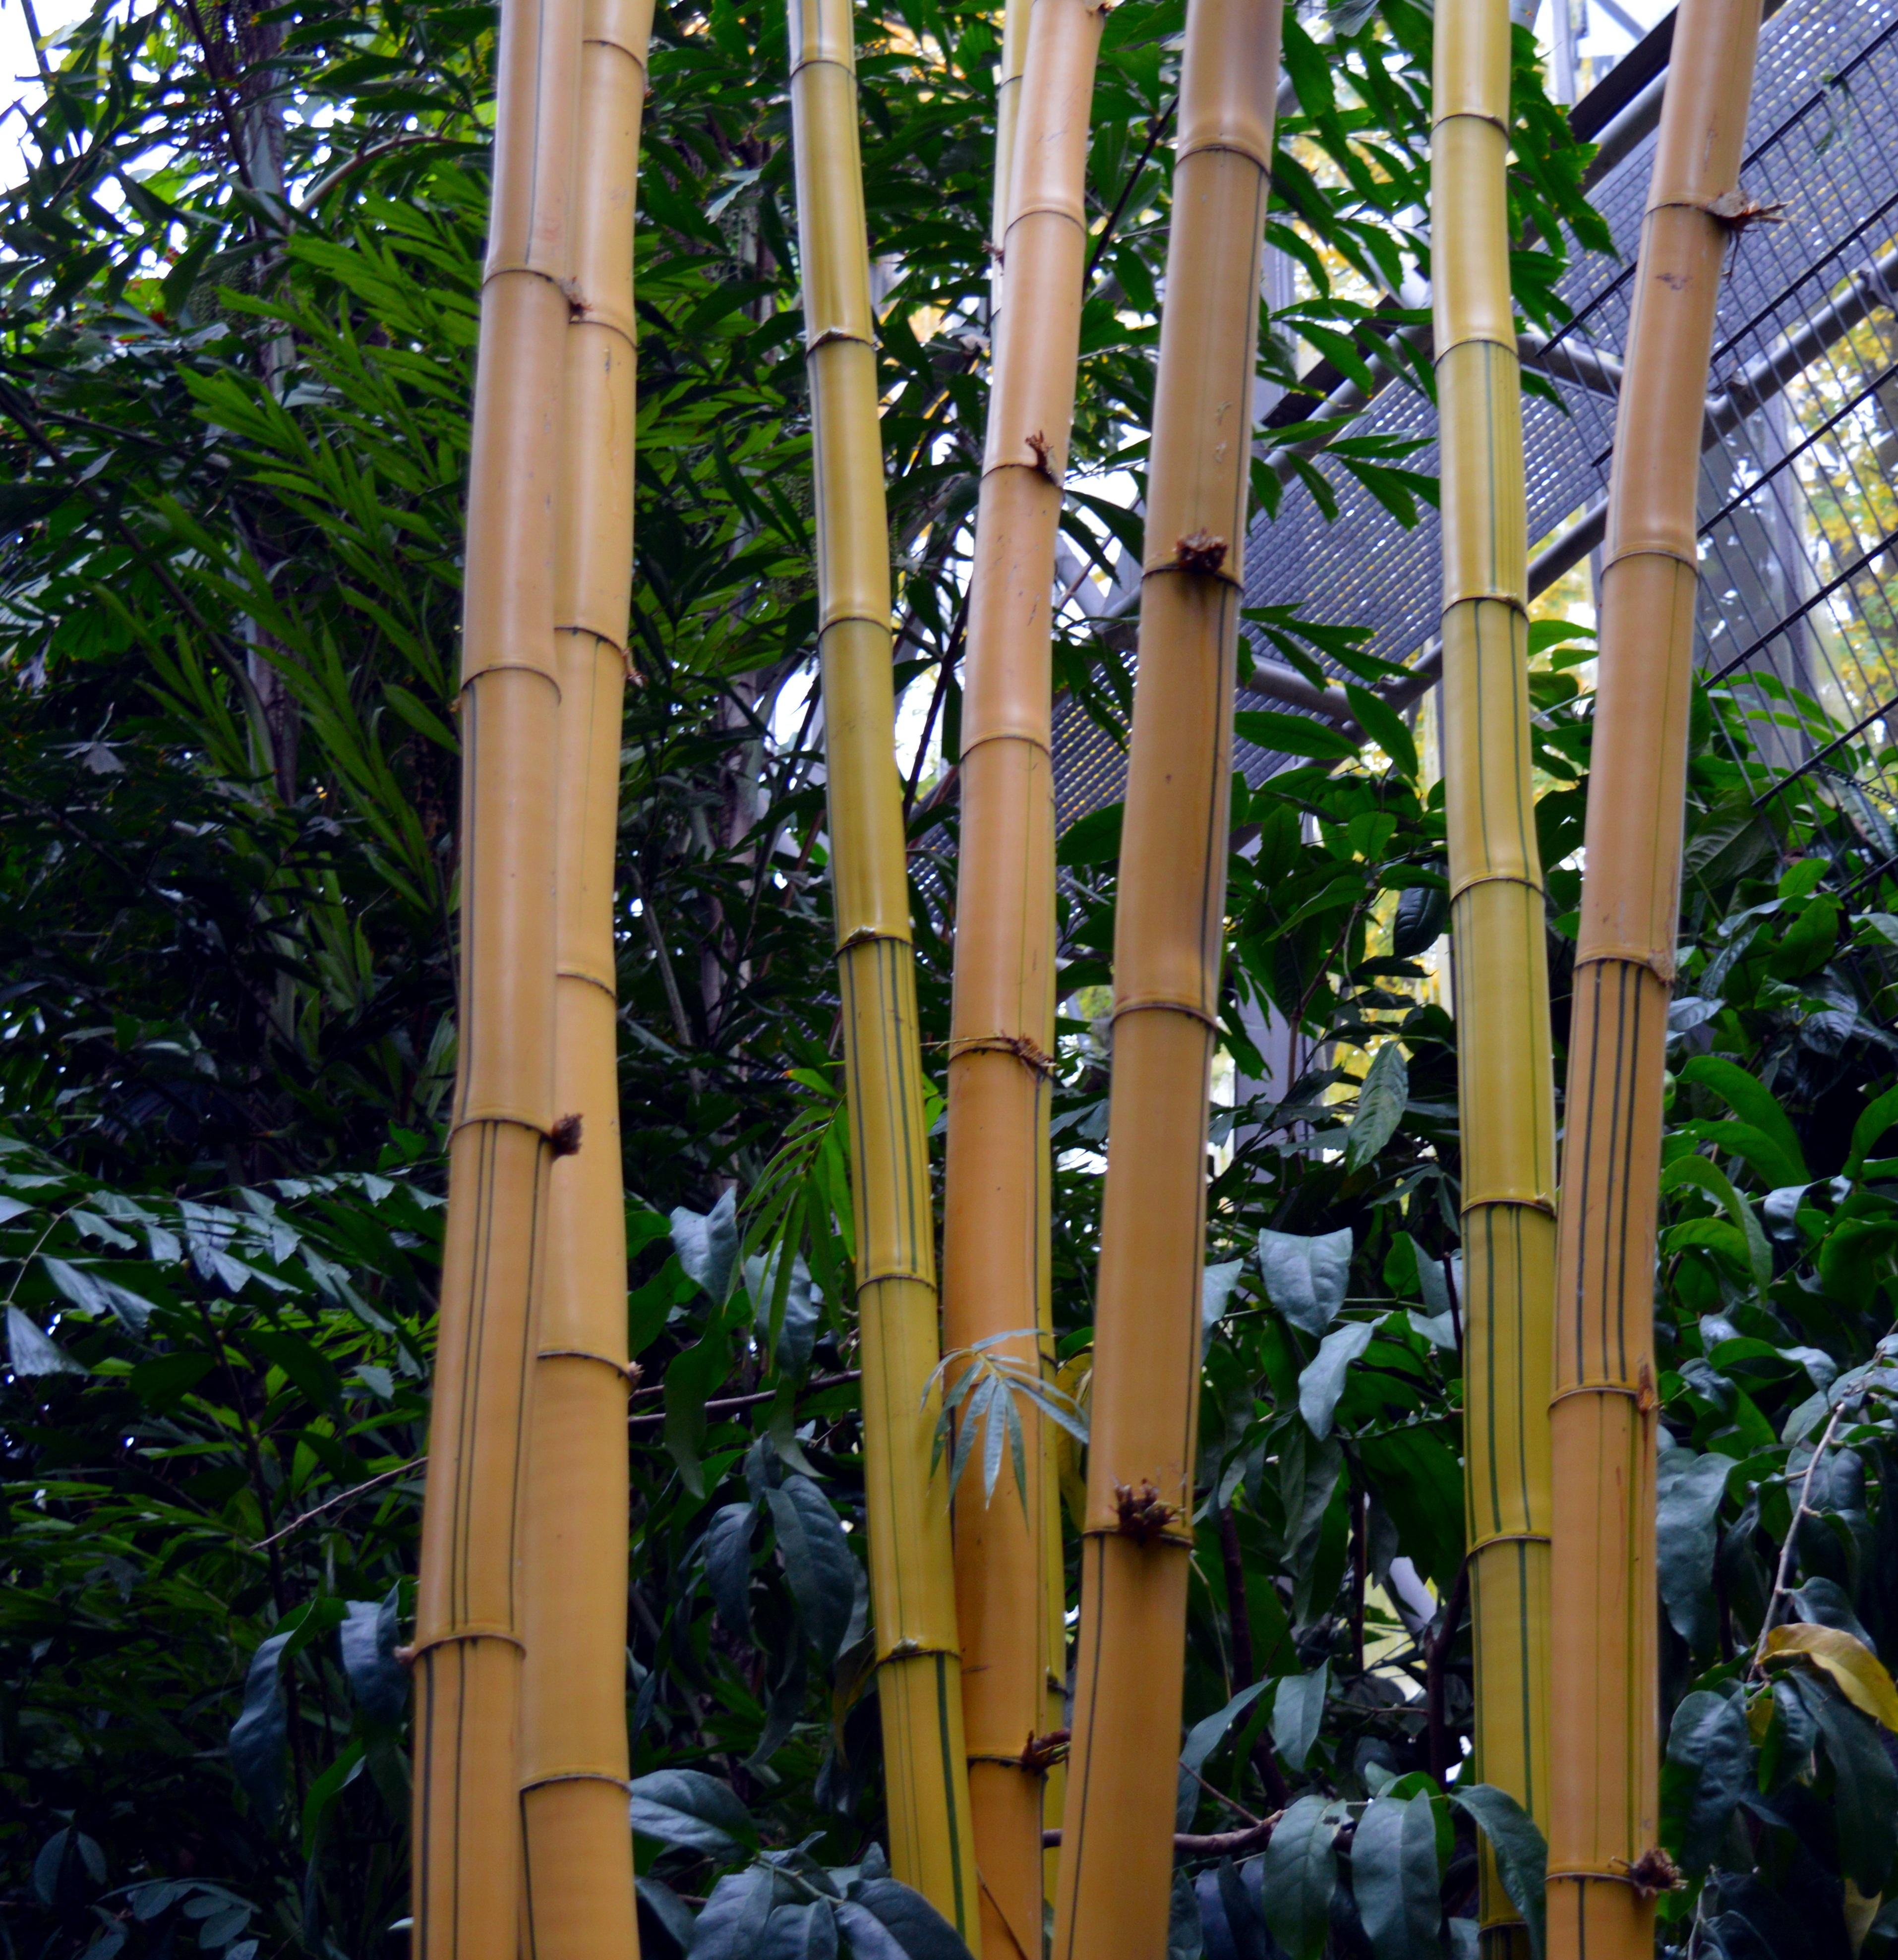 Images gratuites arbre la nature branche bois fleur tronc b che jungle tropical asie - Tronc de bambou decoratif ...